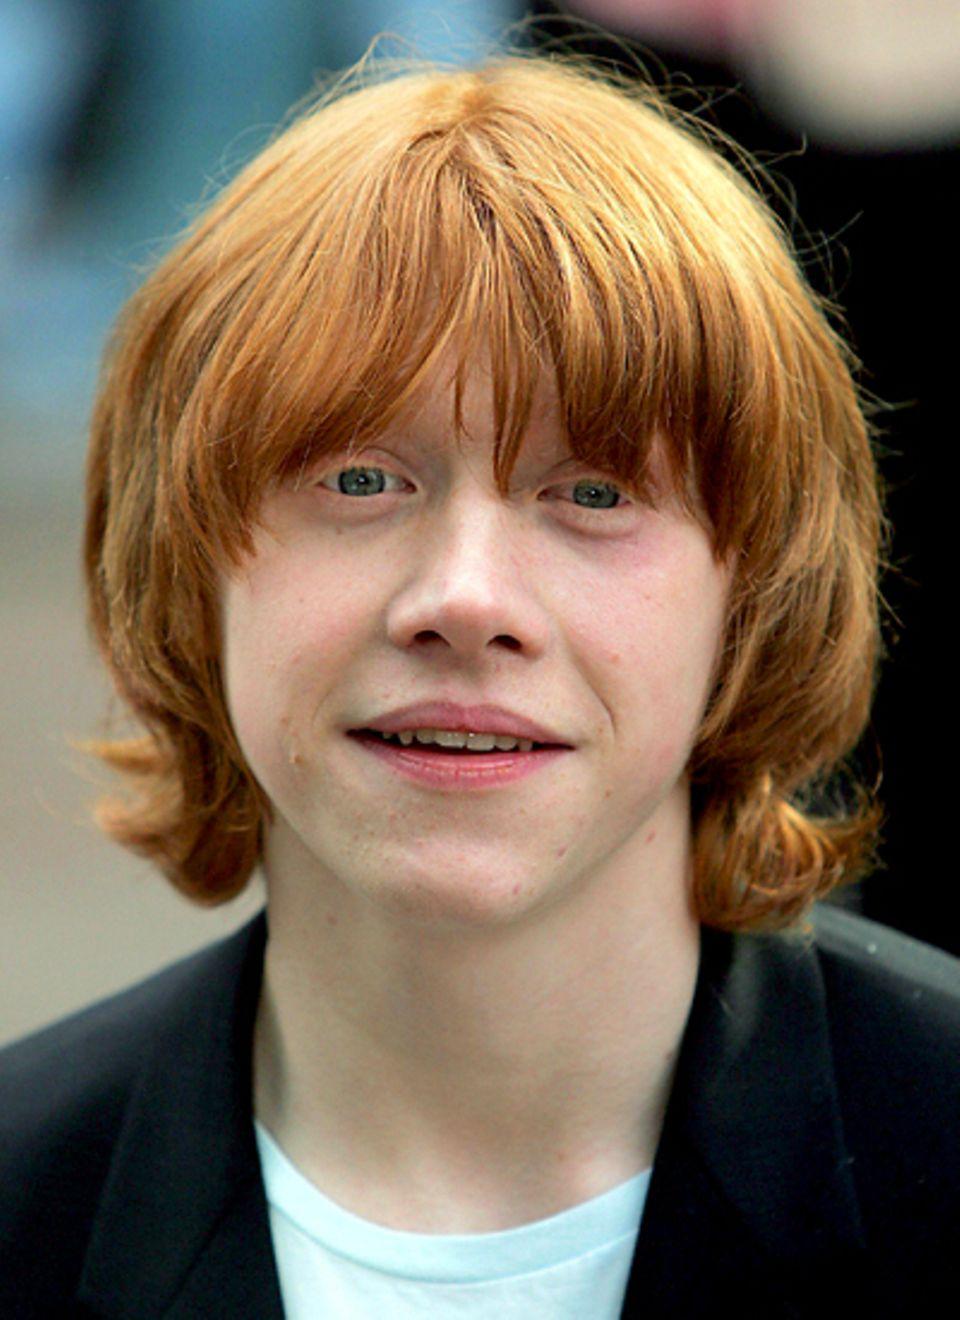 Harry Potter, damals-heute: 2004: Mit Zottelfrisur und Pickeln im Gesicht sieht man Rupert Grint 2004.